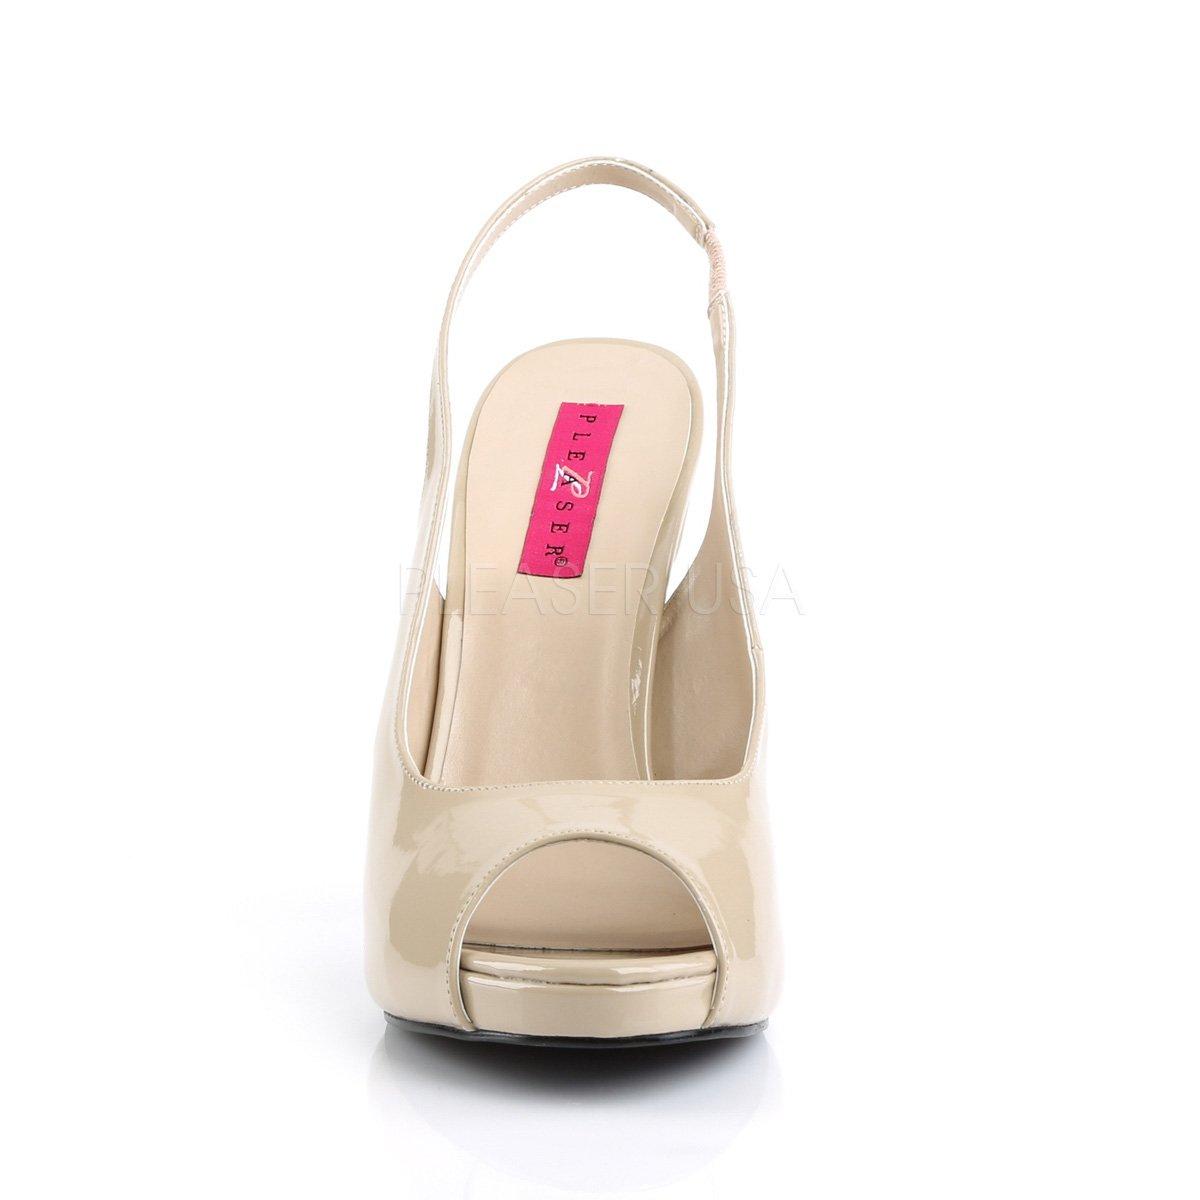 Rosa Rosa Rosa Label Big Größe Slingback Pumps Eve-04 Lack Creme Übergröße 7686d4